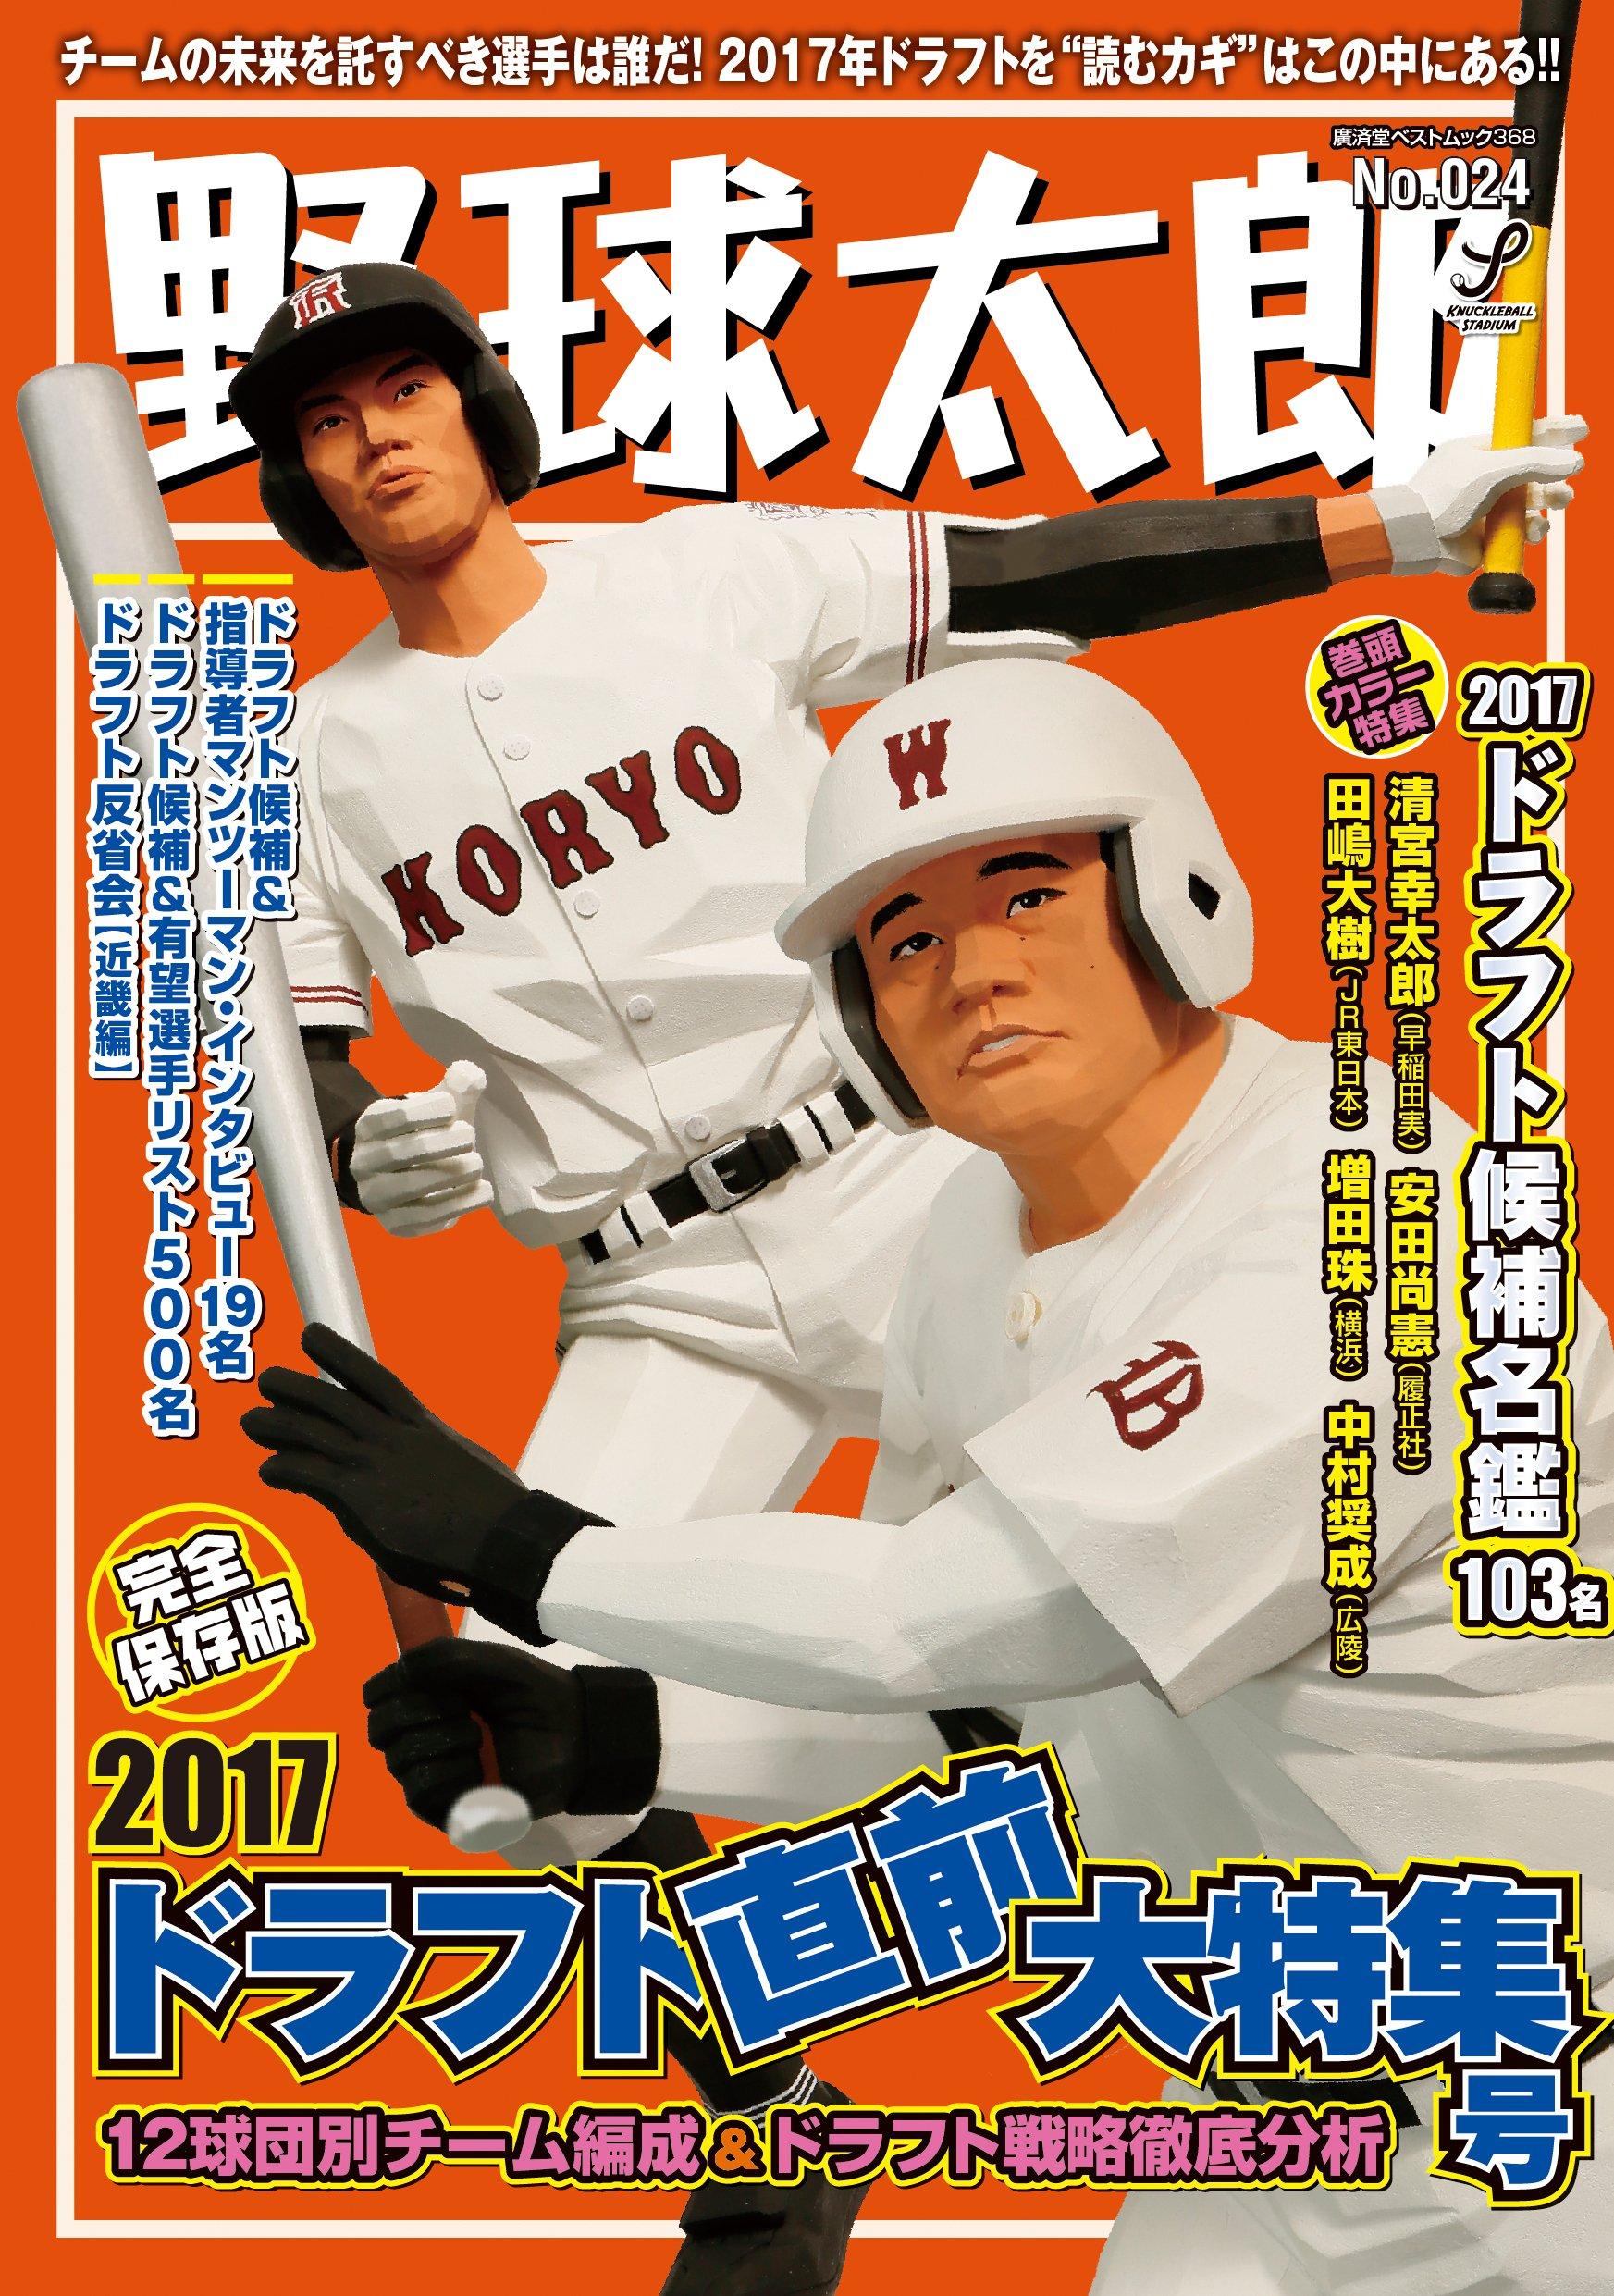 お詫びと訂正『野球太郎No.024 2017ドラフト直前大特集号』